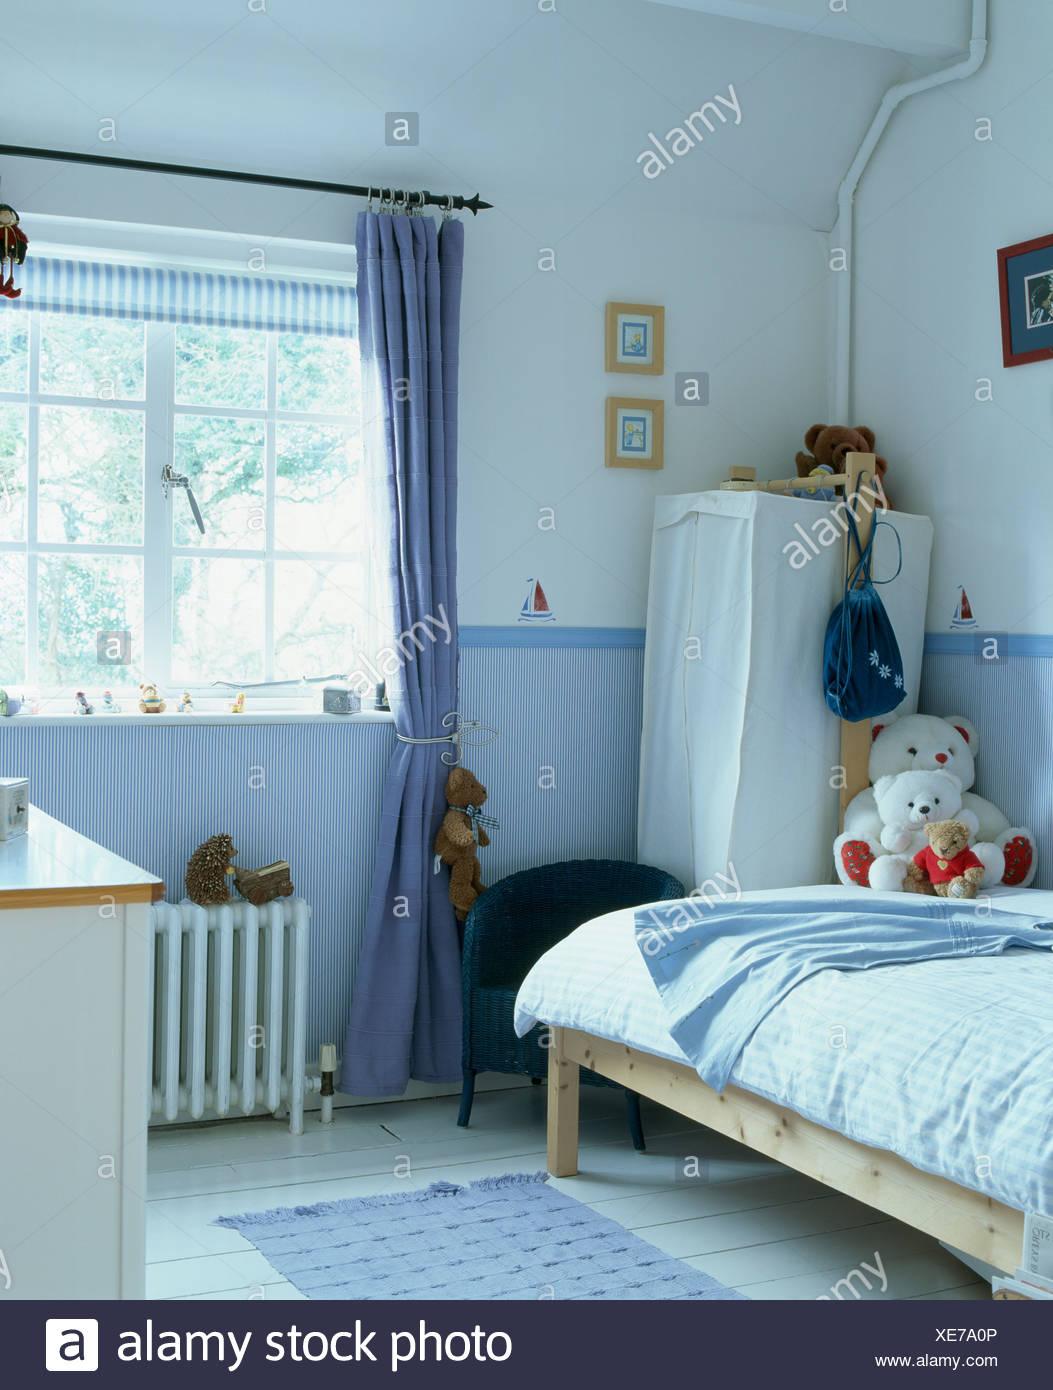 Full Size of Vorhänge Für Kinderzimmer Blauen Vorhang Am Fenster Im Mit Tapeten Dado Kopfteile Betten Wasserhahn Küche Schlafzimmer Klebefolie Regal Weiß Heizkörper Kinderzimmer Vorhänge Für Kinderzimmer